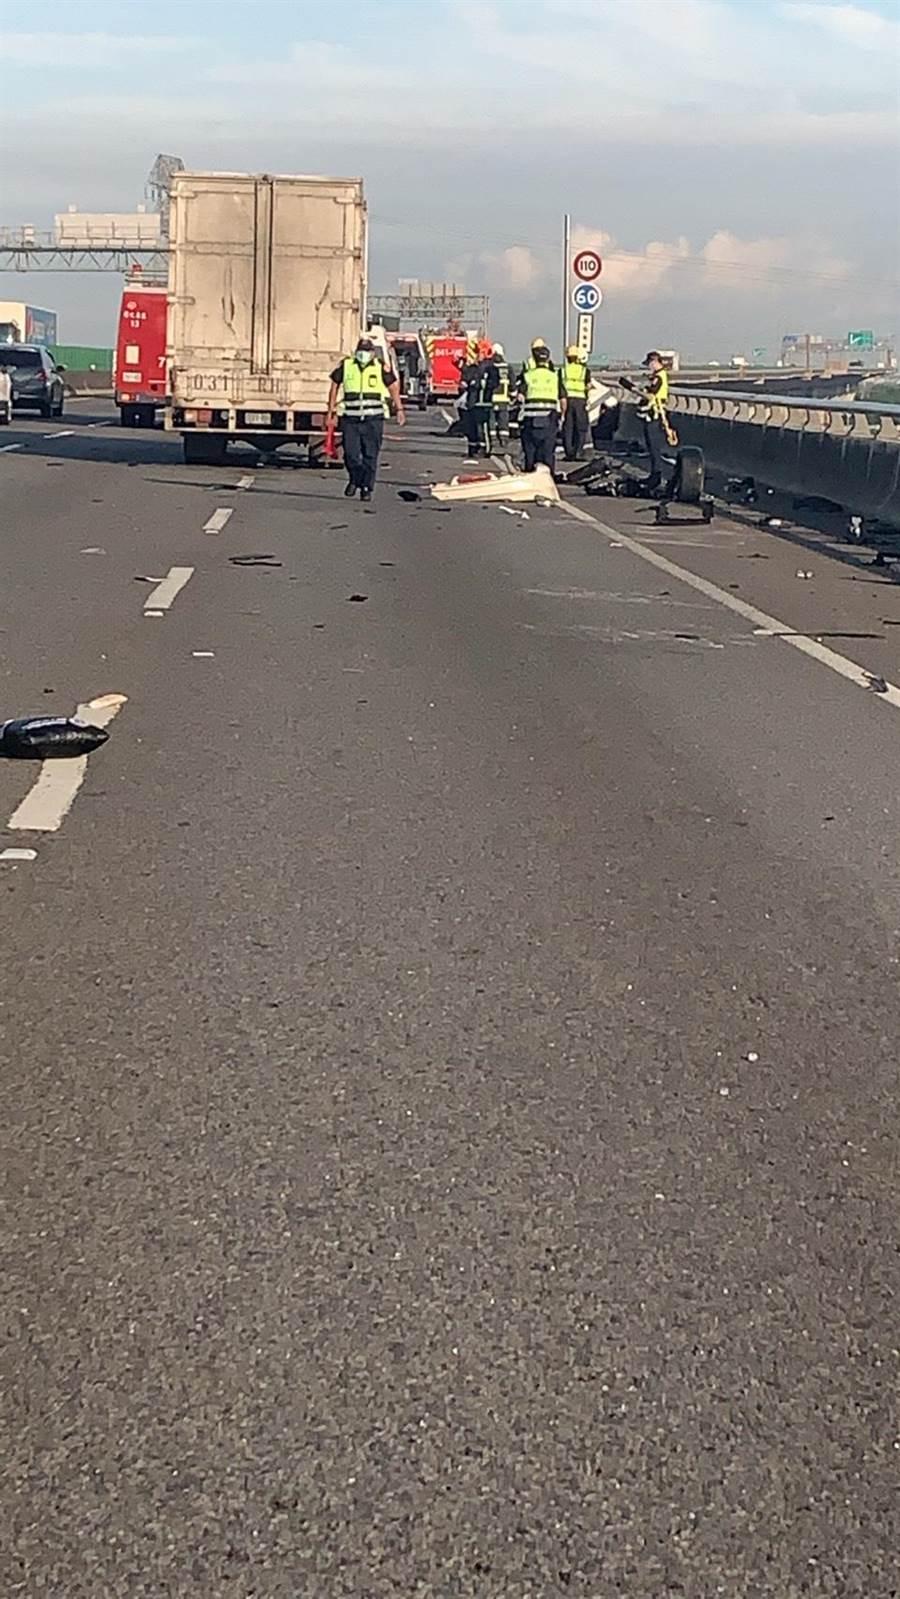 今天上午6點多,國道三號快官北上路段發生重大事故,男子駕駛賓士車自撞護欄後,拋飛車外死亡。(摘自彰化踢爆網/謝瓊雲彰化傳真)